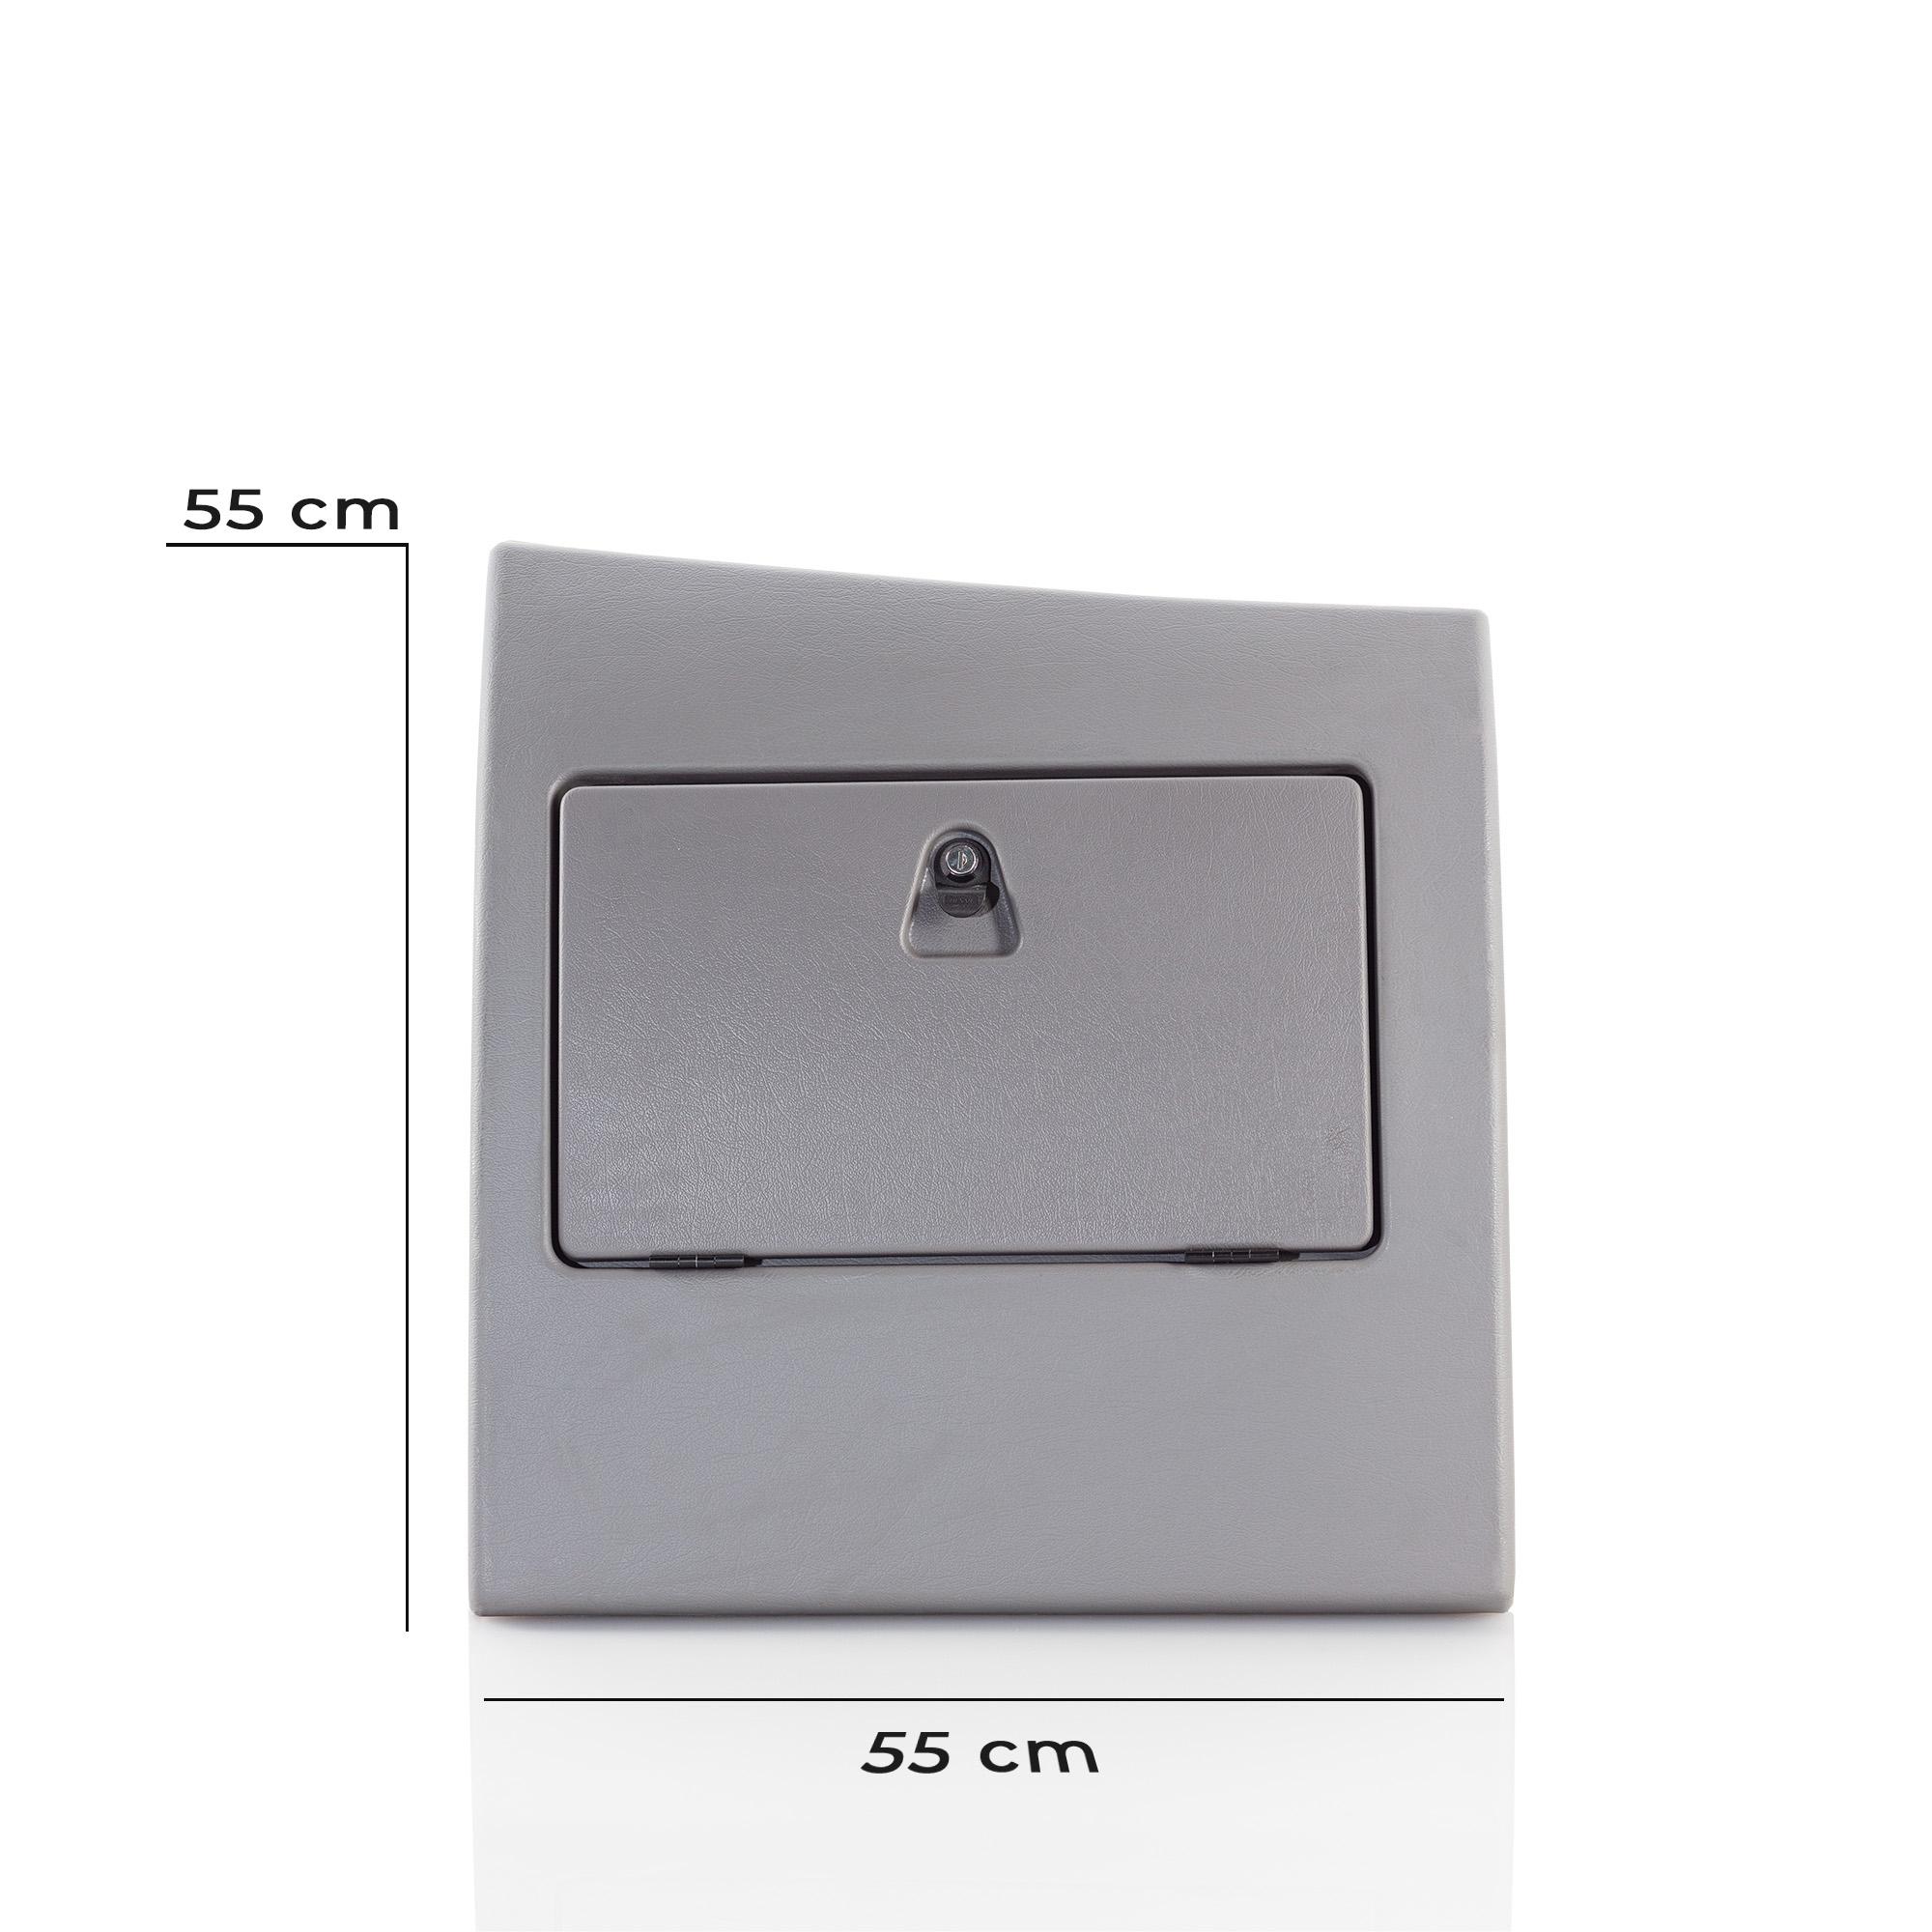 MPB 5555 / 33 LT Soğutucu Araç Buzdolabı